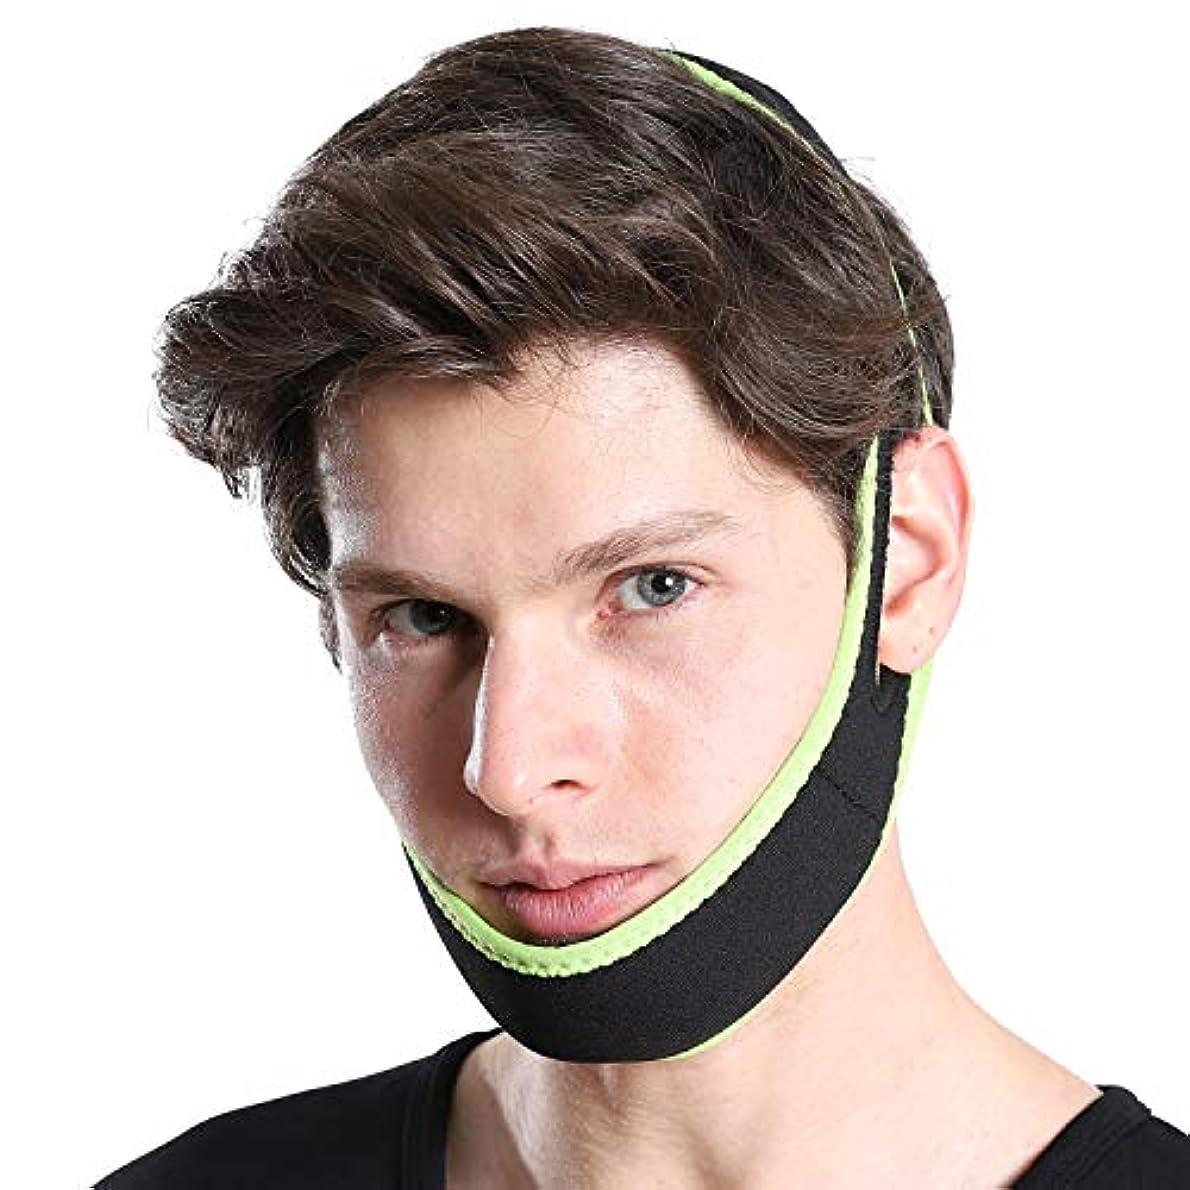 ターミナル使役狂ったELPIRKA 小顔マスク メンズ ゲルマニウムチタン 配合で 顔痩せ 小顔 リフトアップ!